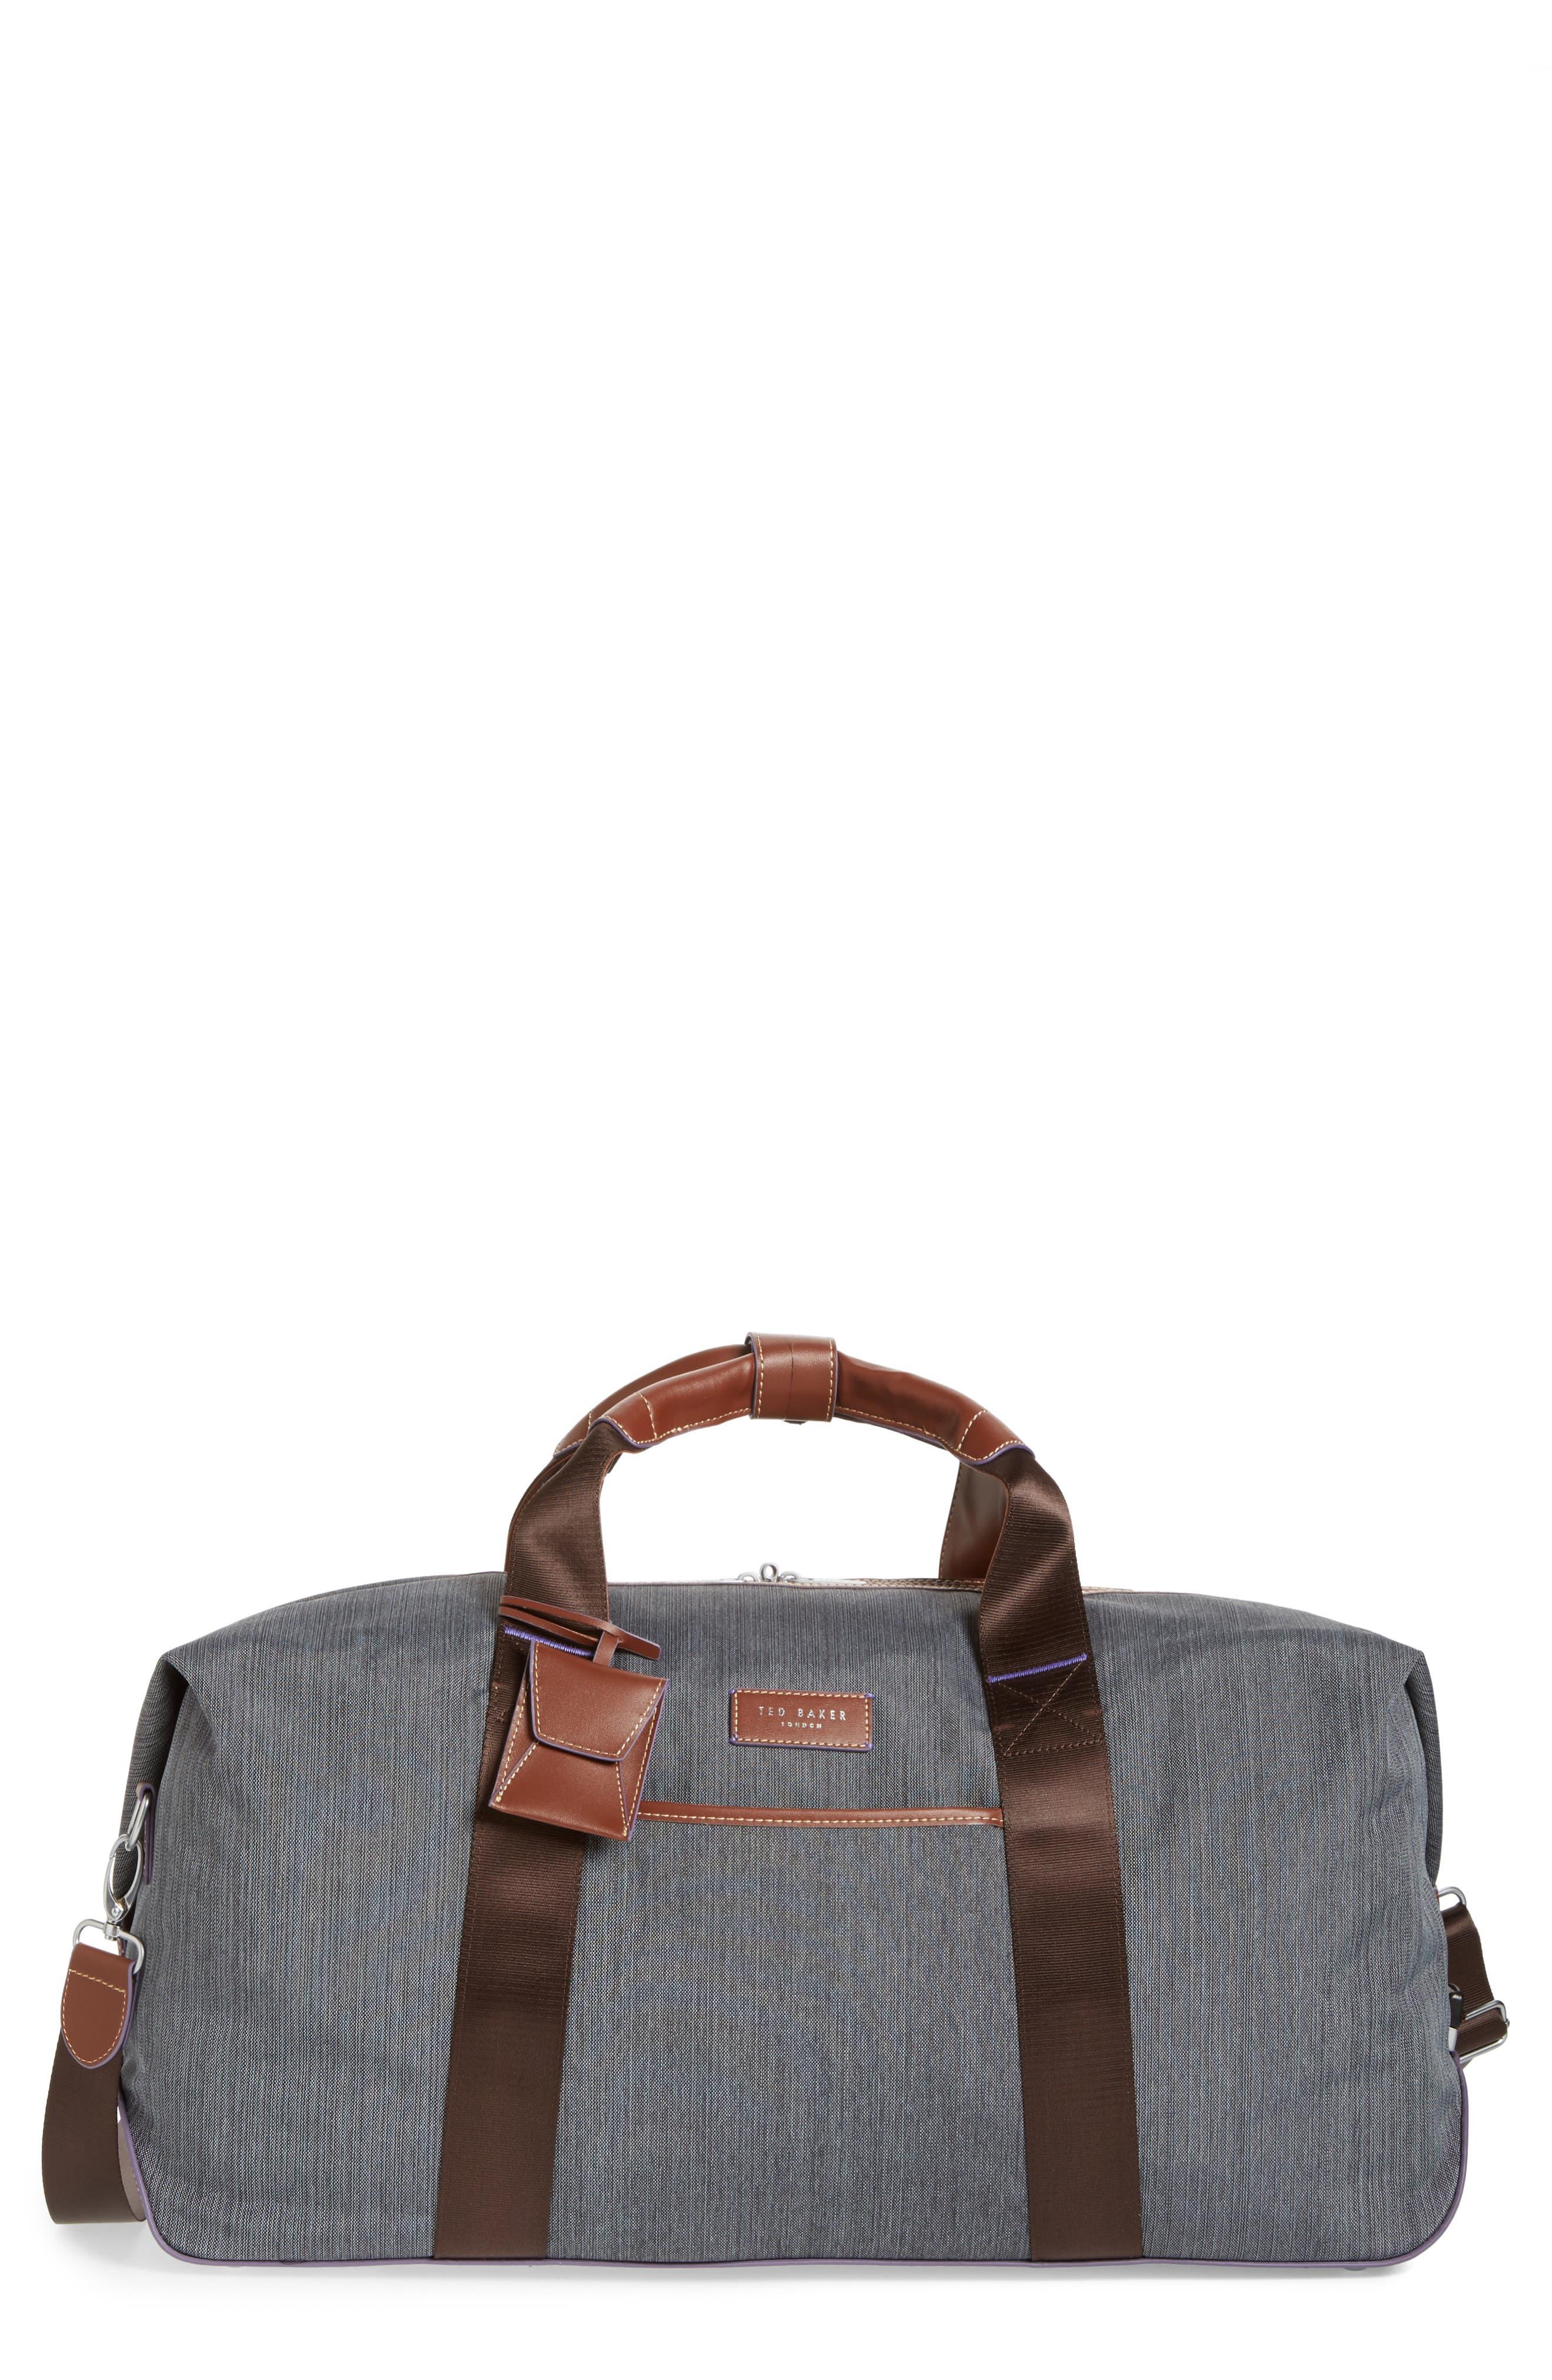 Ted Baker London Medium Falconwood Duffel Bag